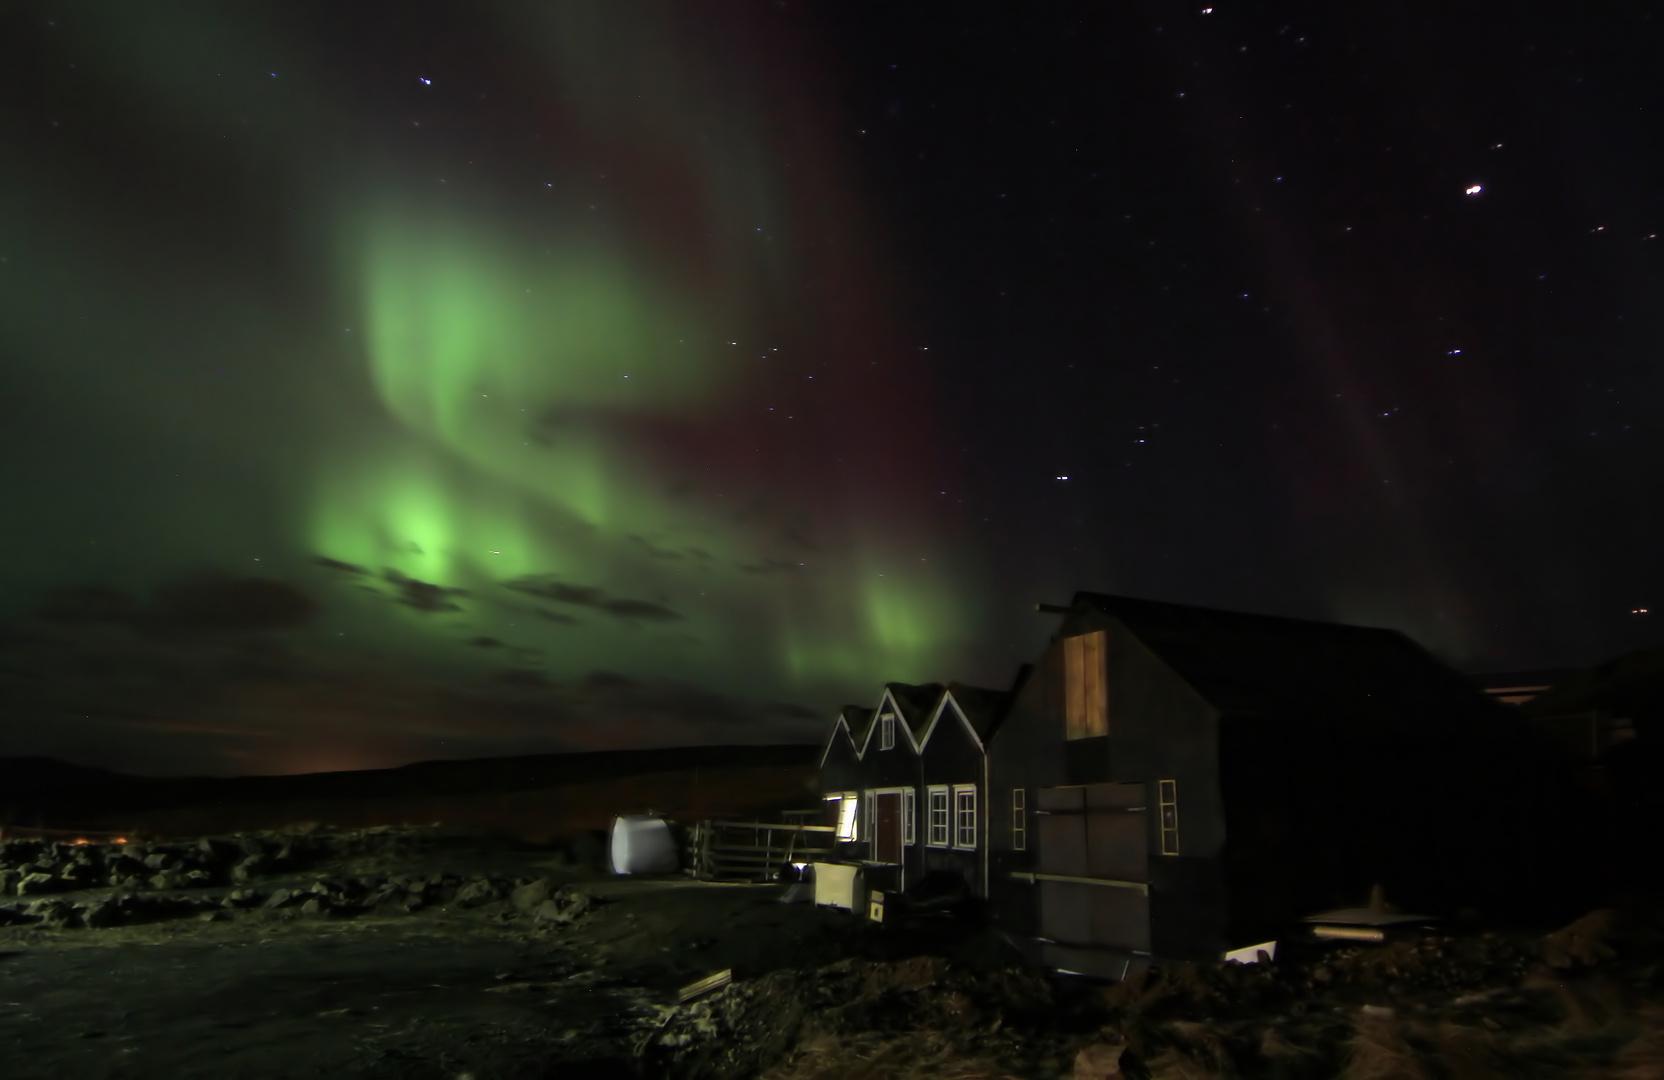 ~Aurora borealis~